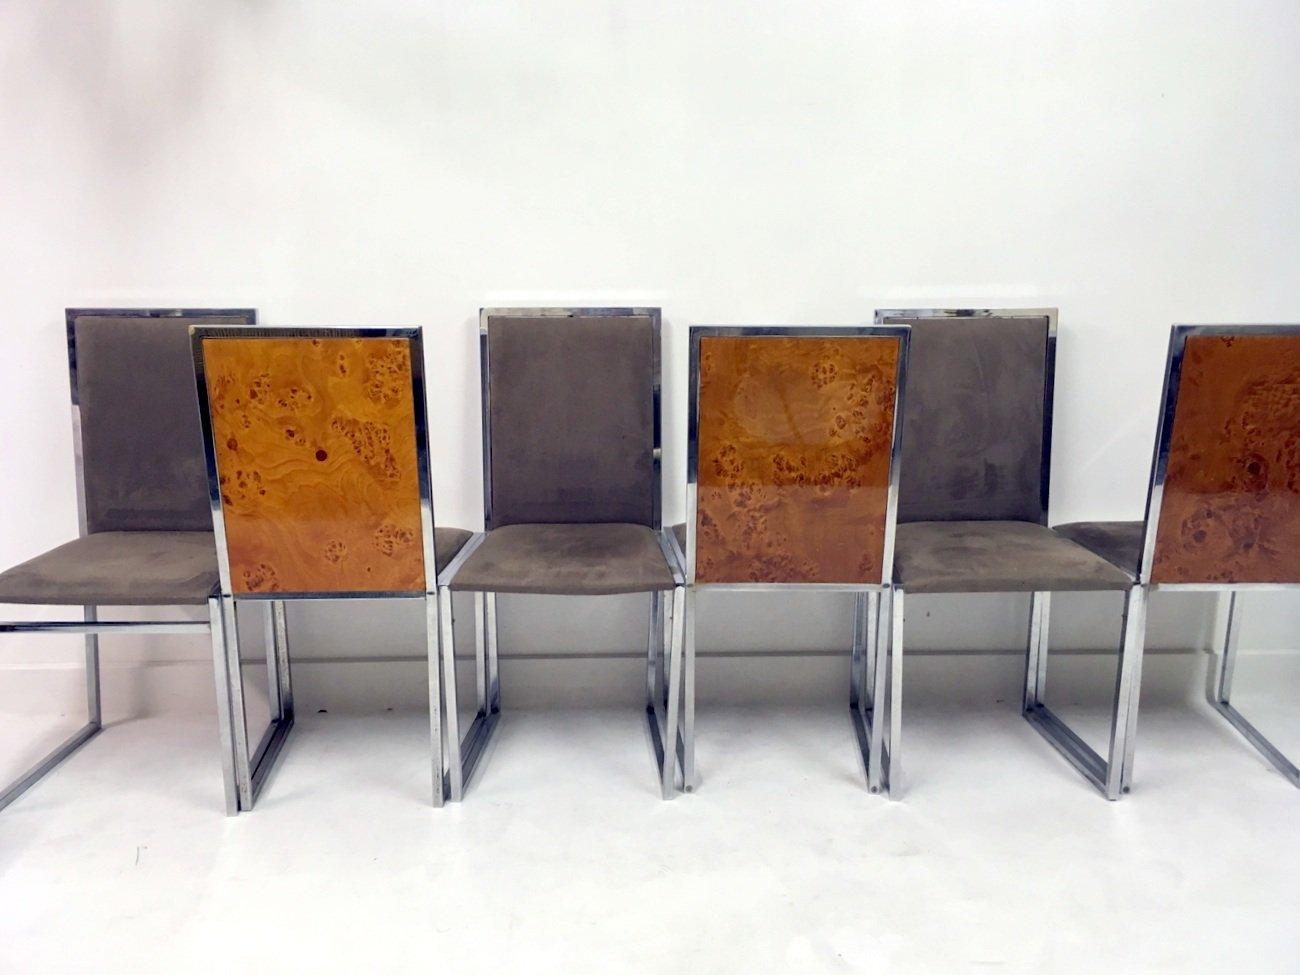 Table de salle manger et chaises en broussin de la metal for Table de la salle a manger